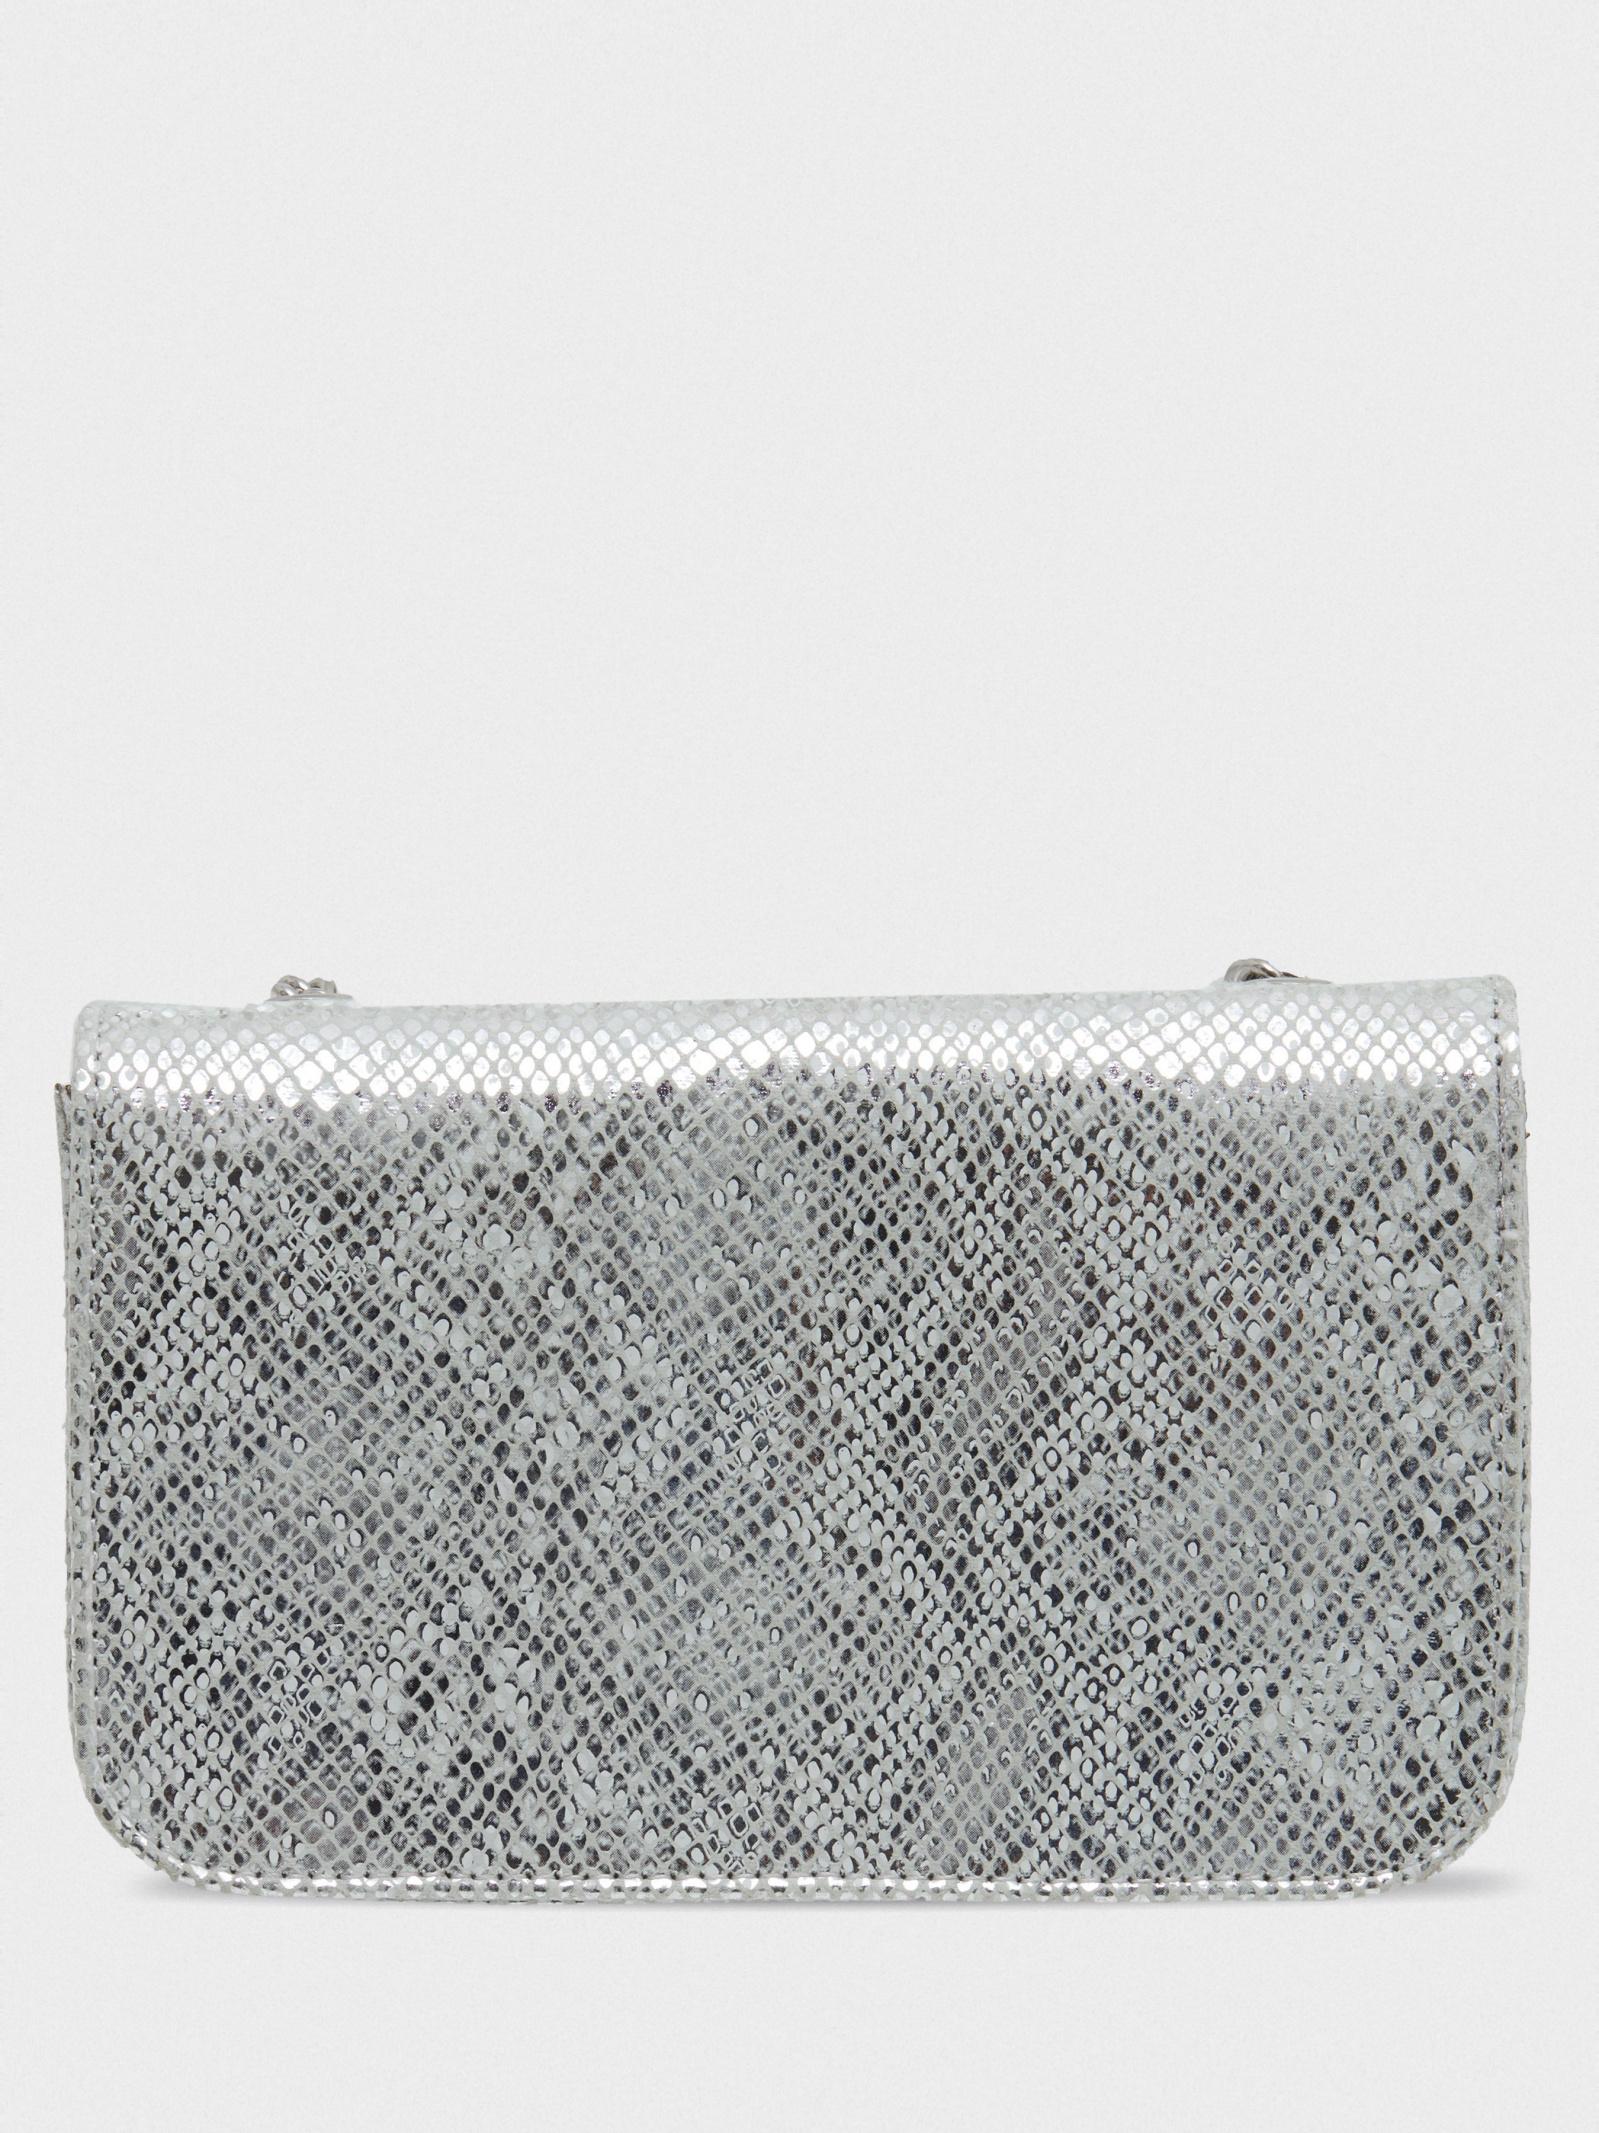 Marco Tozzi Сумка  модель 61005-34-941 silver придбати, 2017